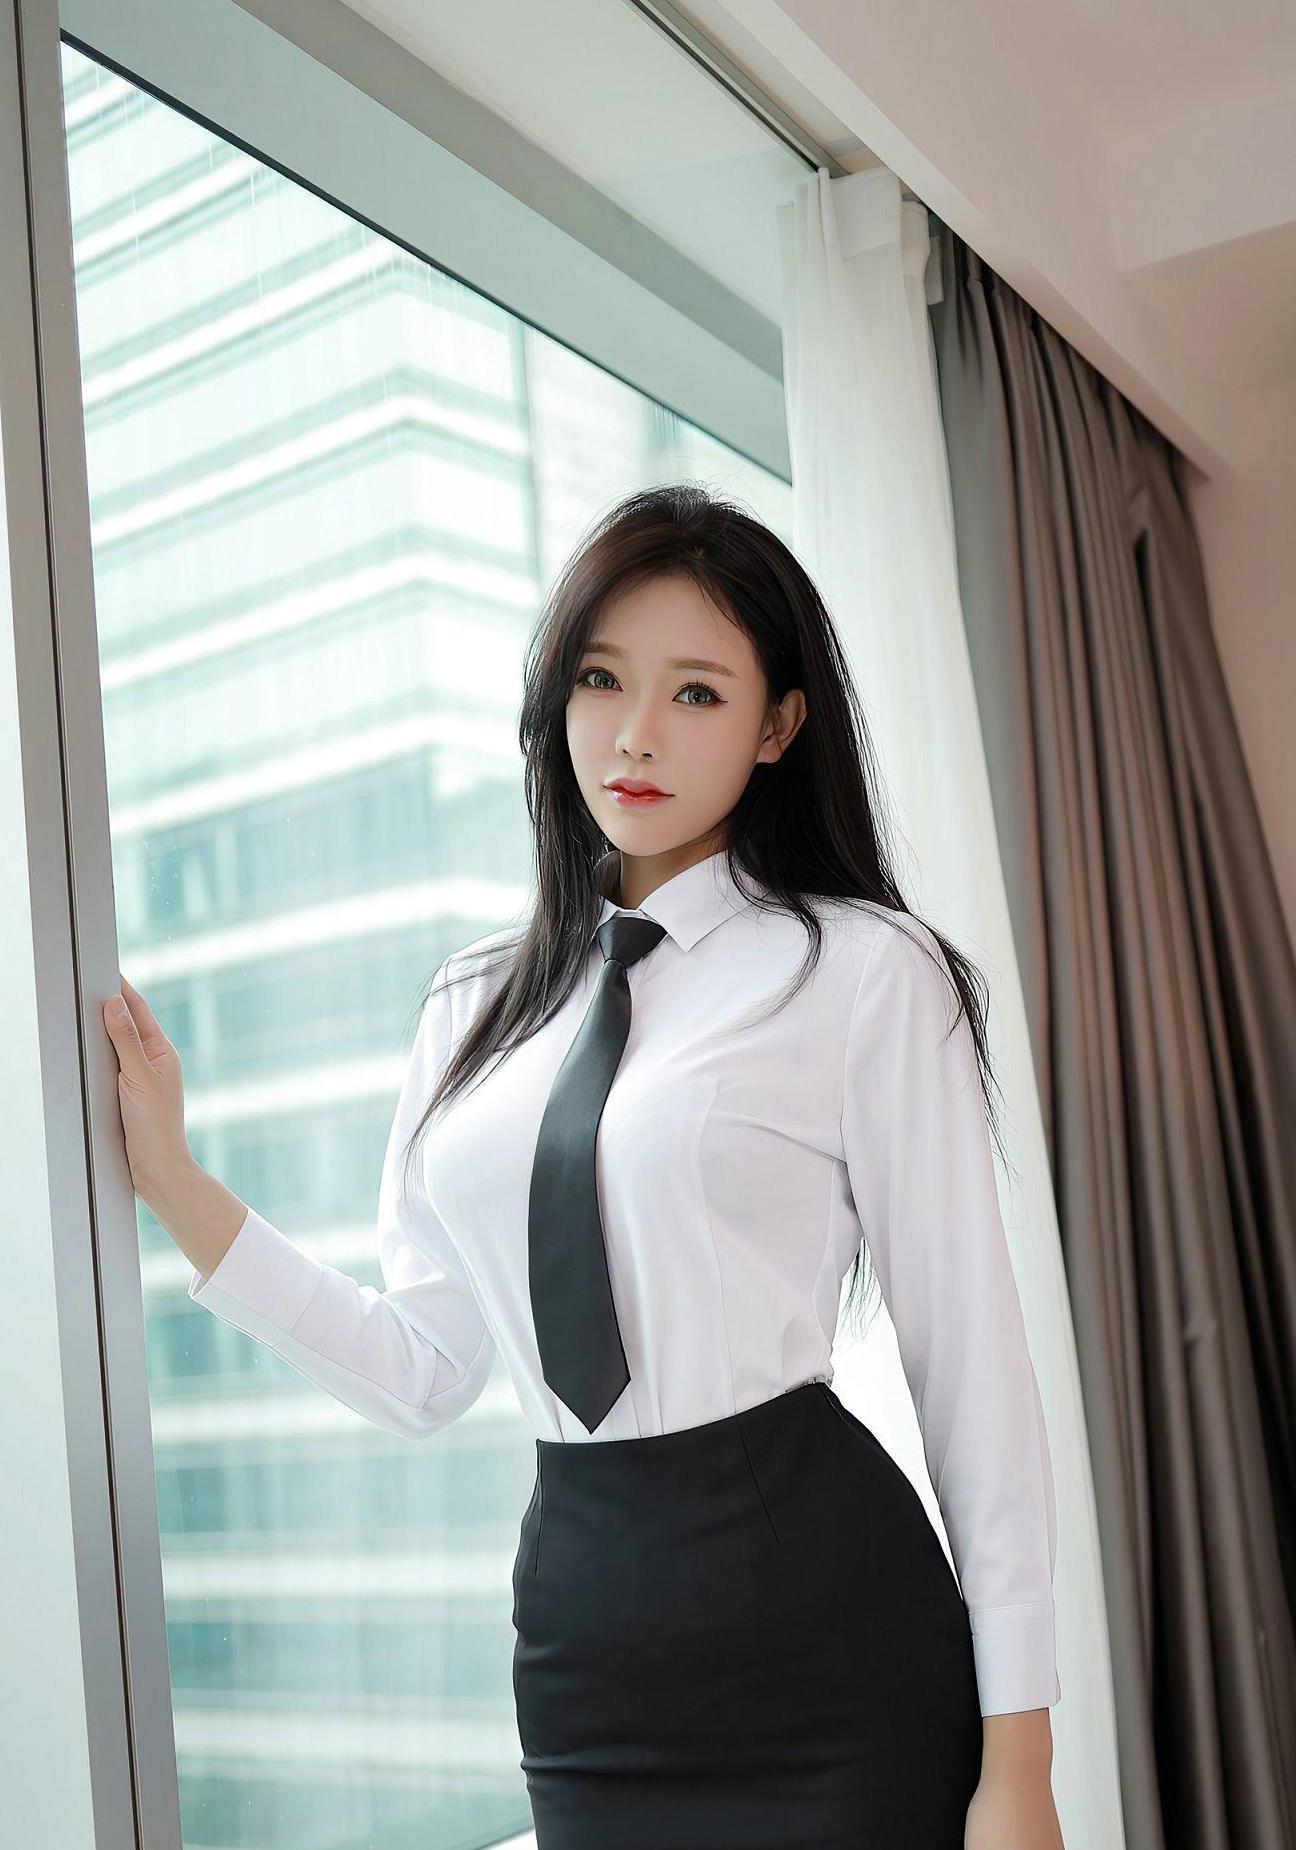 时尚:白色衬衫搭配黑色长裤或短裙,黑白是很好的配色